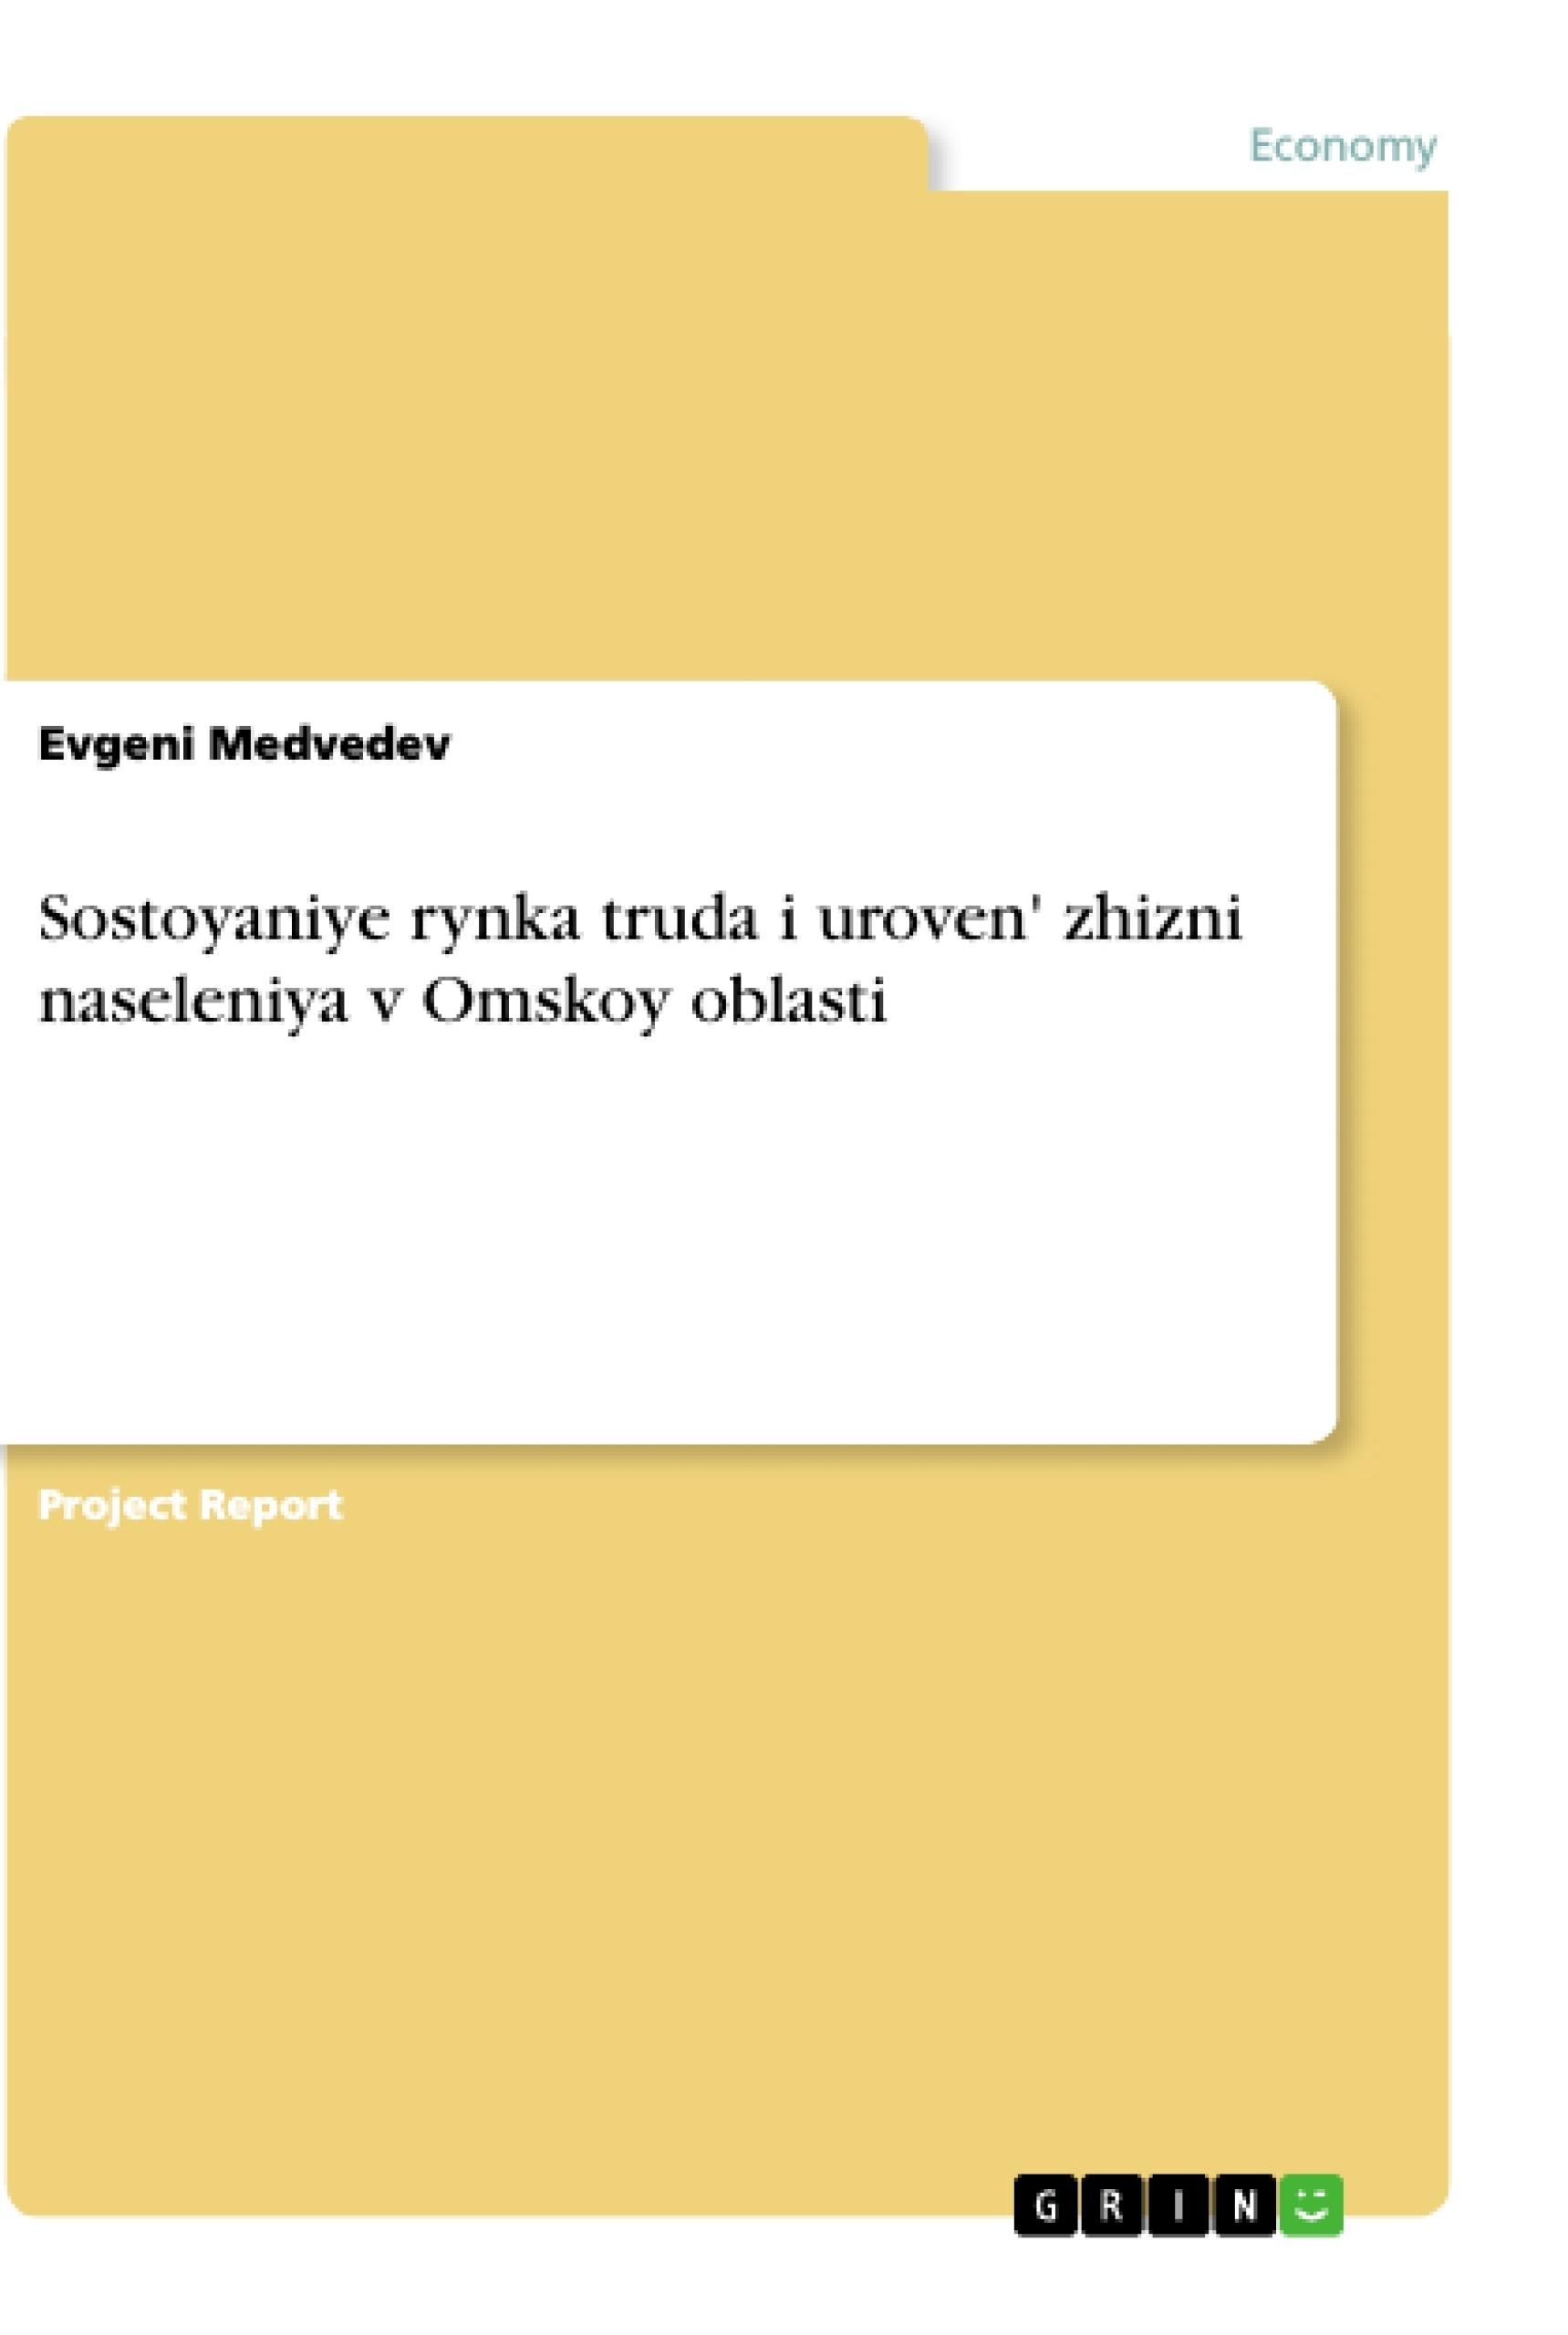 Title: Sostoyaniye rynka truda i uroven' zhizni naseleniya v Omskoy oblasti